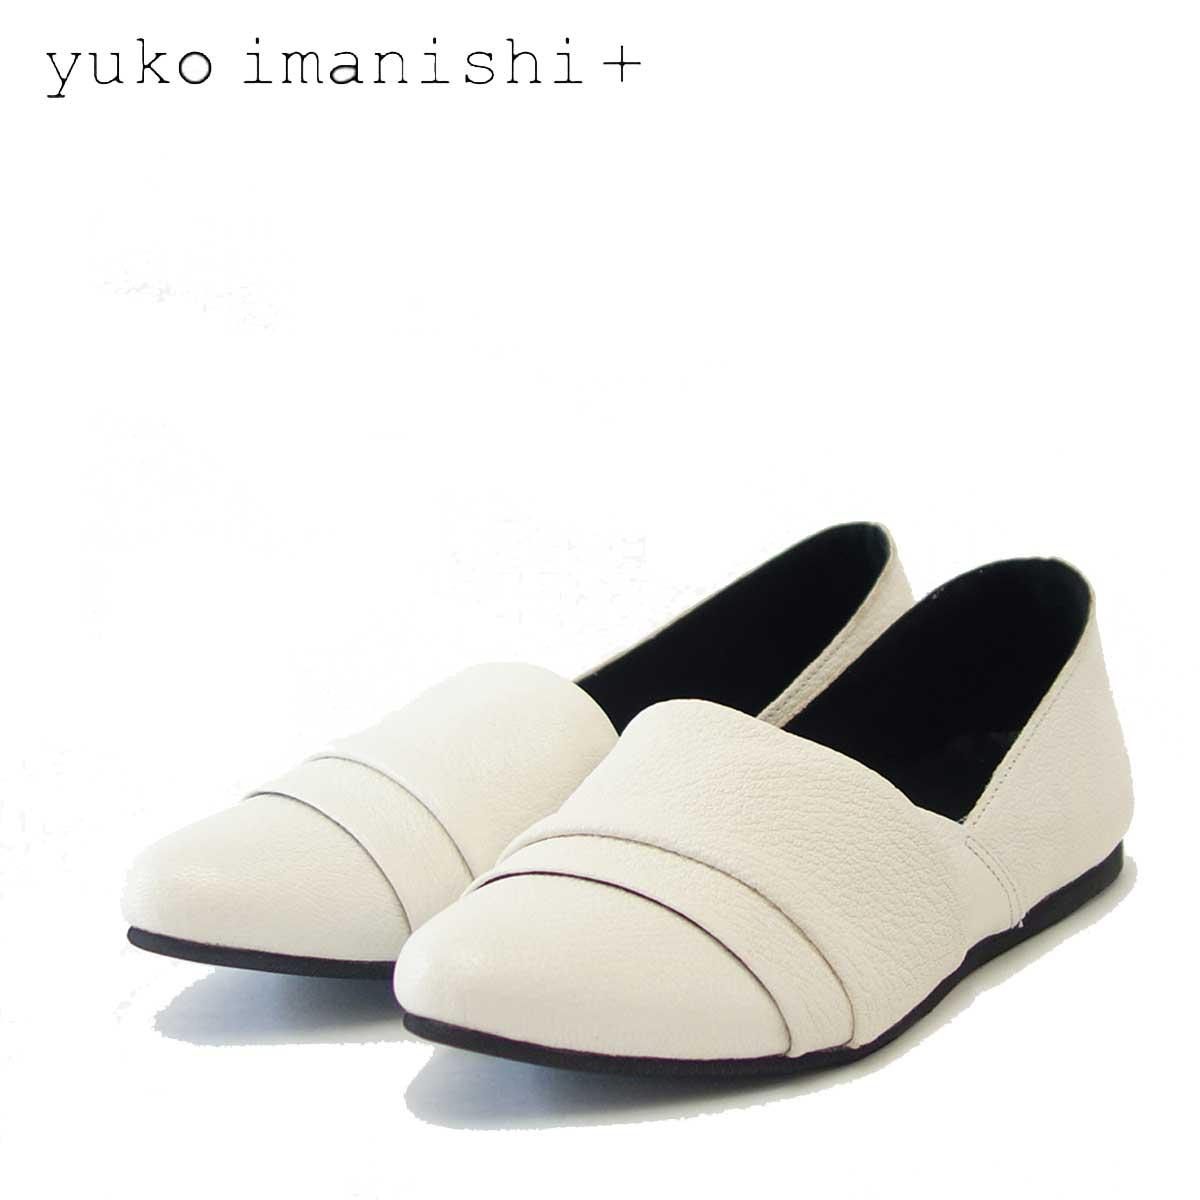 yuko imanishi + (ユーコ イマニシ) 77188 ホワイト甲深 フラット スリッポンシューズ「靴」